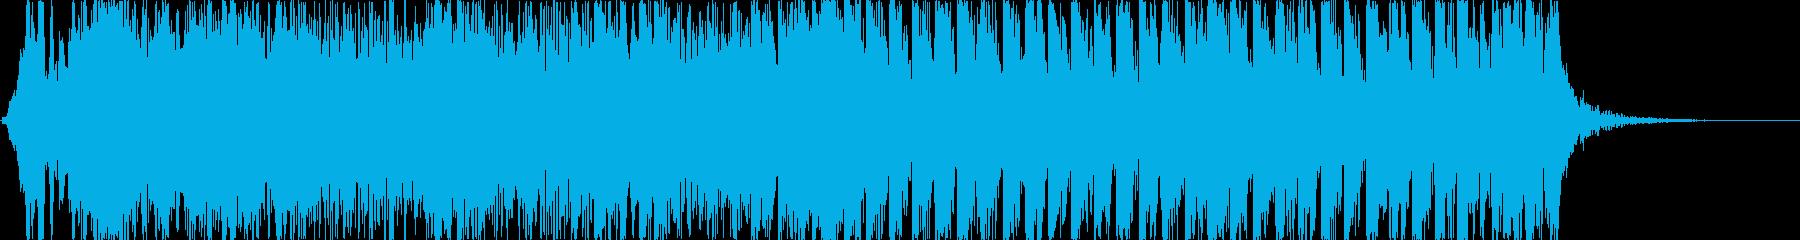 和風、ゲーム煽りBGM、大人用/掛声有りの再生済みの波形